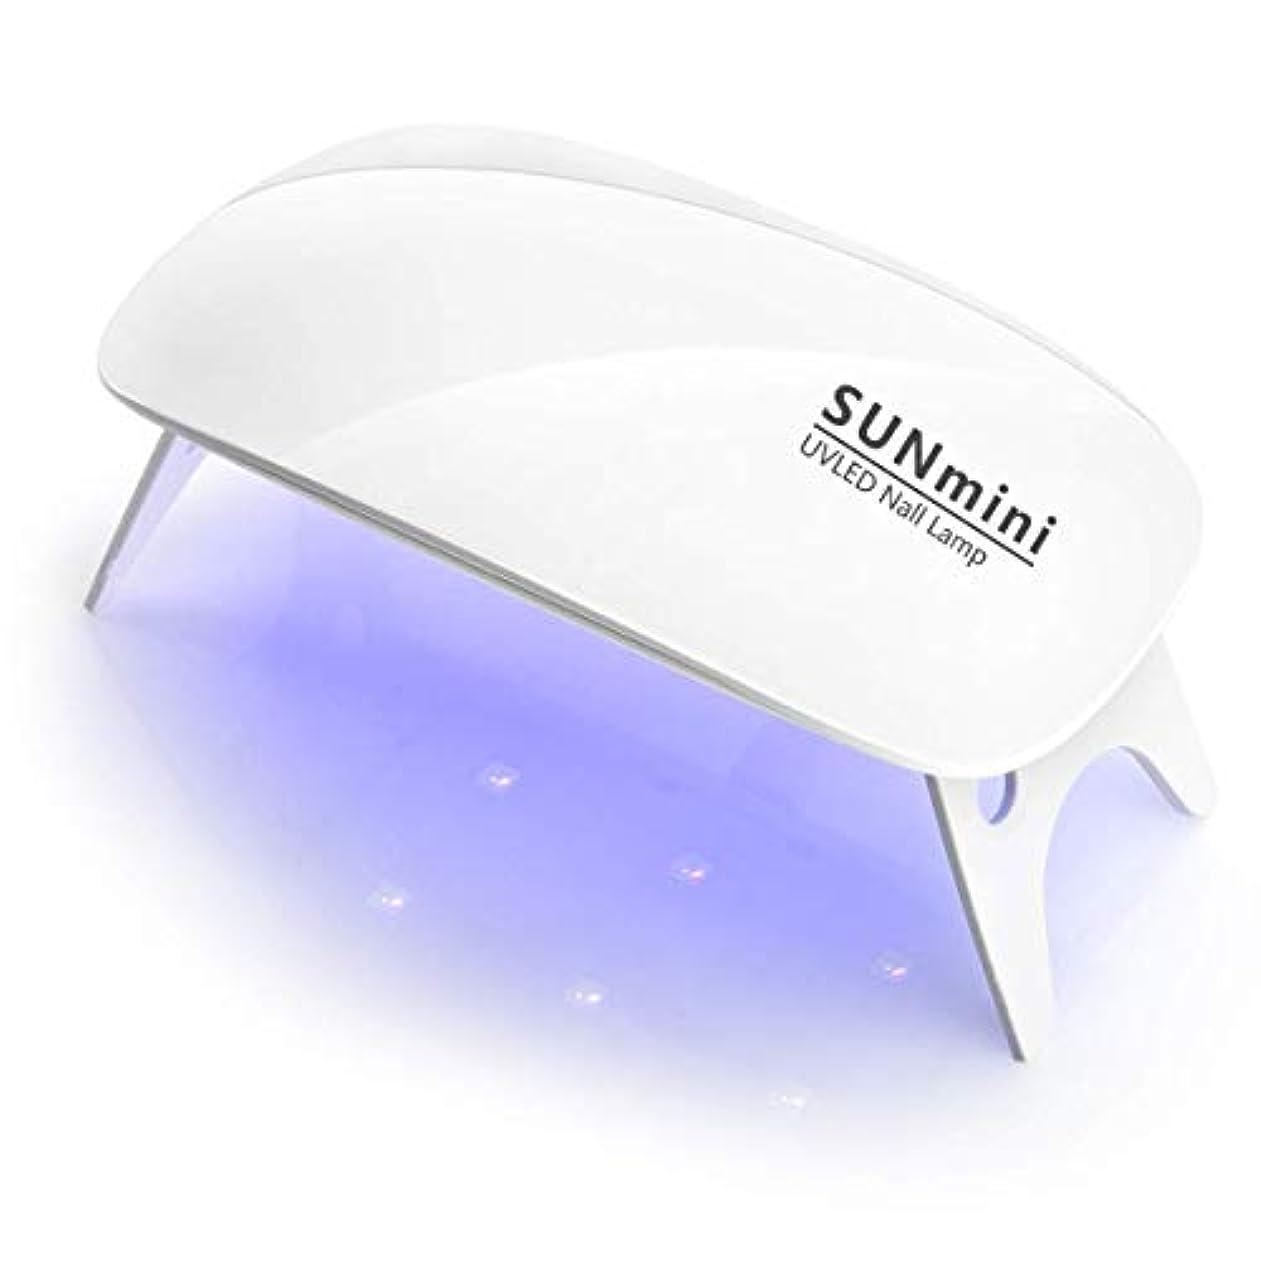 たくさんのヘルメット辞書LEDネイルドライヤー LEDジェルネイルドライヤー UVライト ジェルネイルライト usbライト 硬化ライト LED タイマー設定可能 折りたたみ式 軽量 持ち運び便利(ホワイト ネイルファイルが付け) FACAI